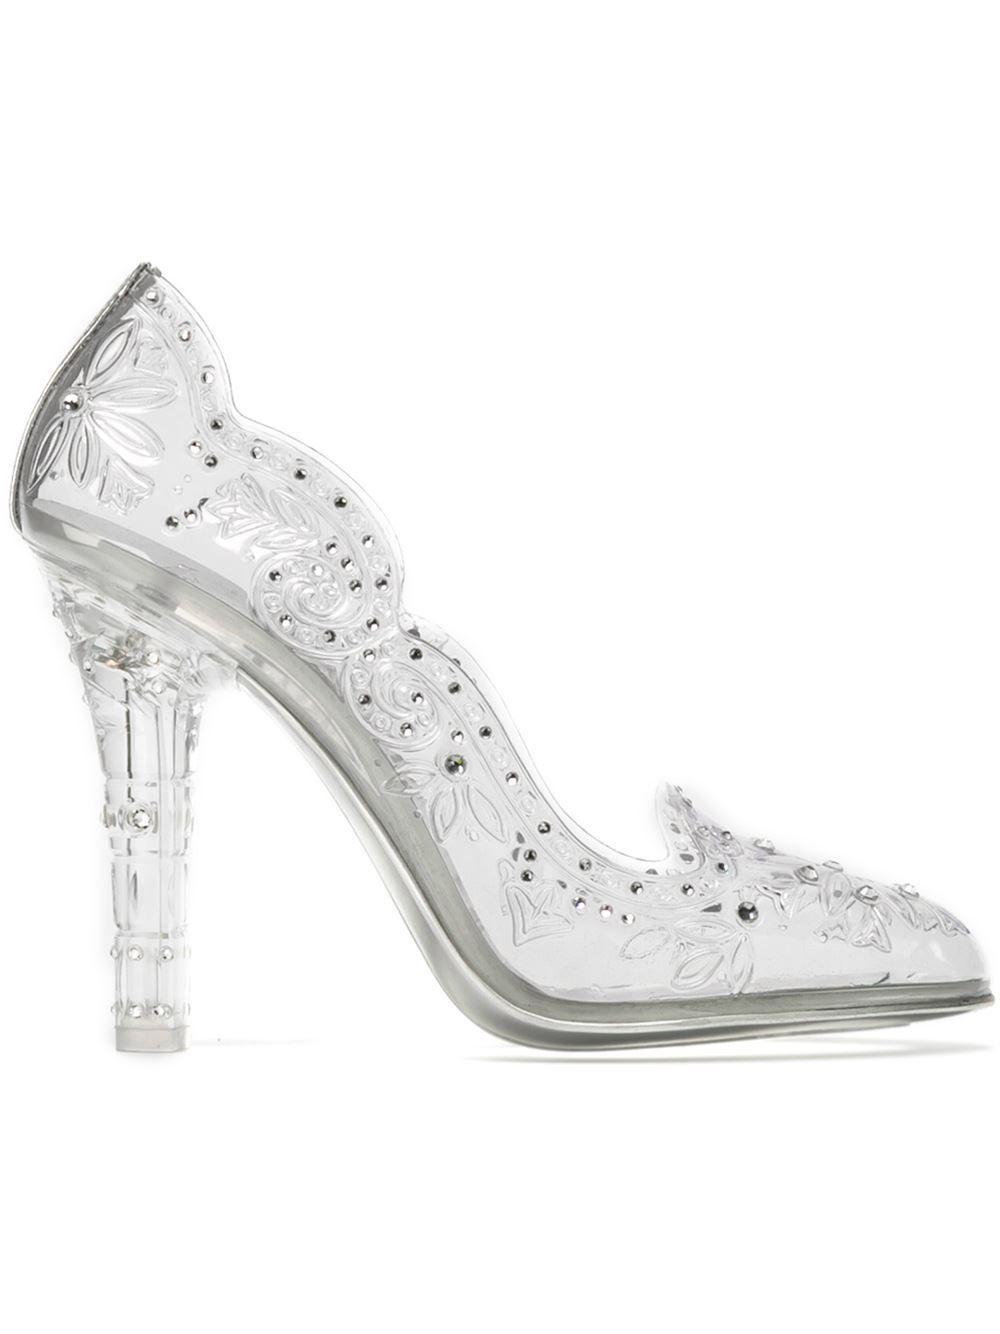 a97dcd7478d Dolce & Gabbana | Shoes | Floral shoes, Clear heel shoes, Floral ...